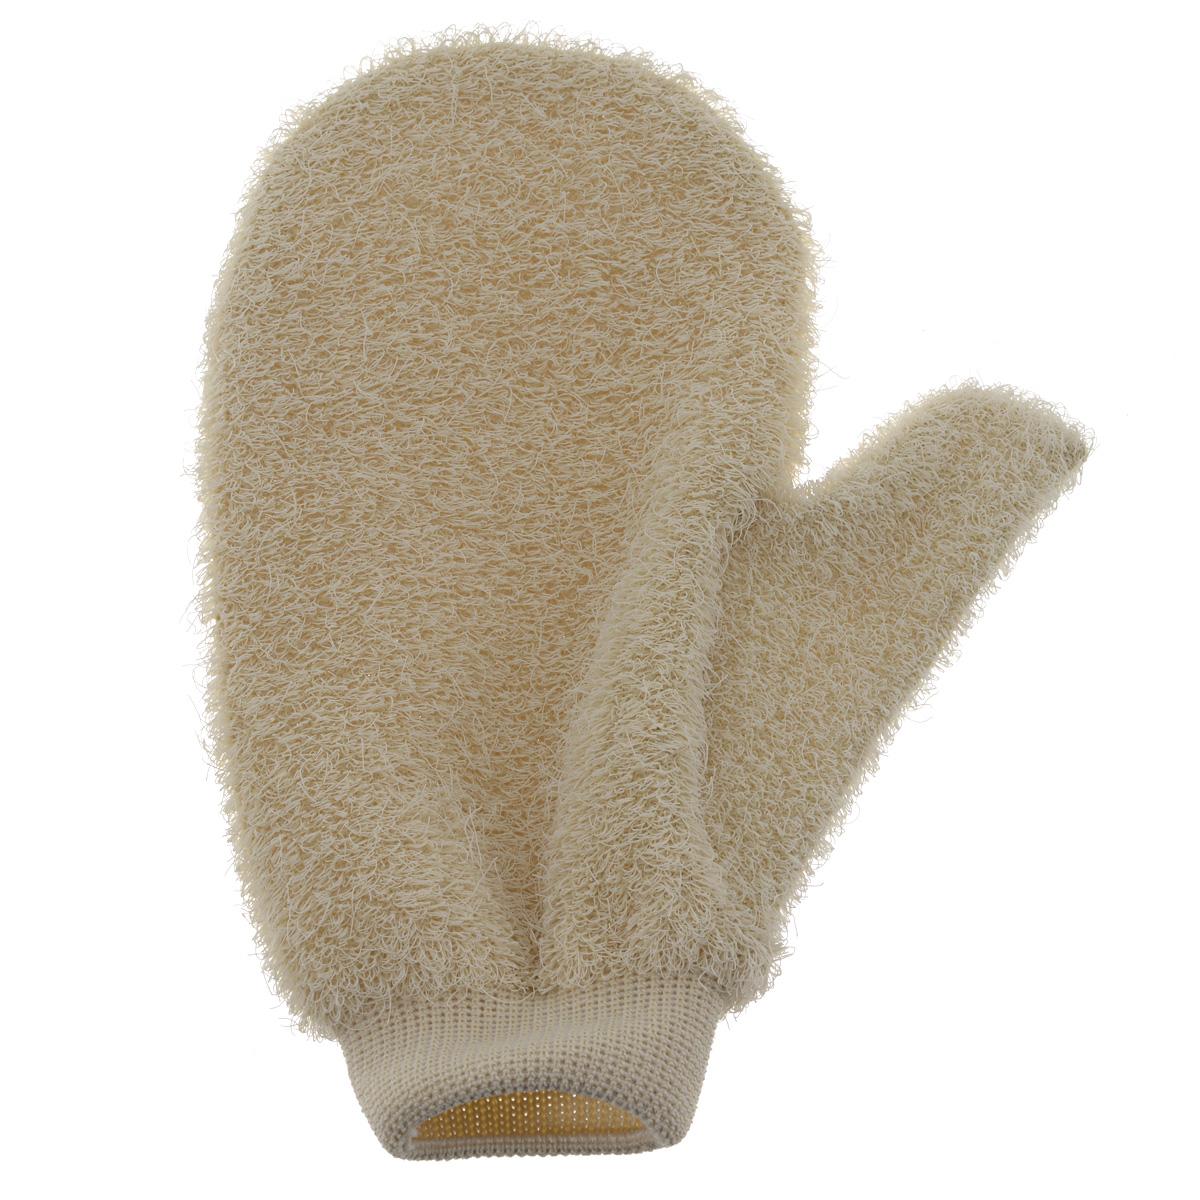 Riffi Мочалка-рукавица массажная, жесткая, бежевый 750_бежевый